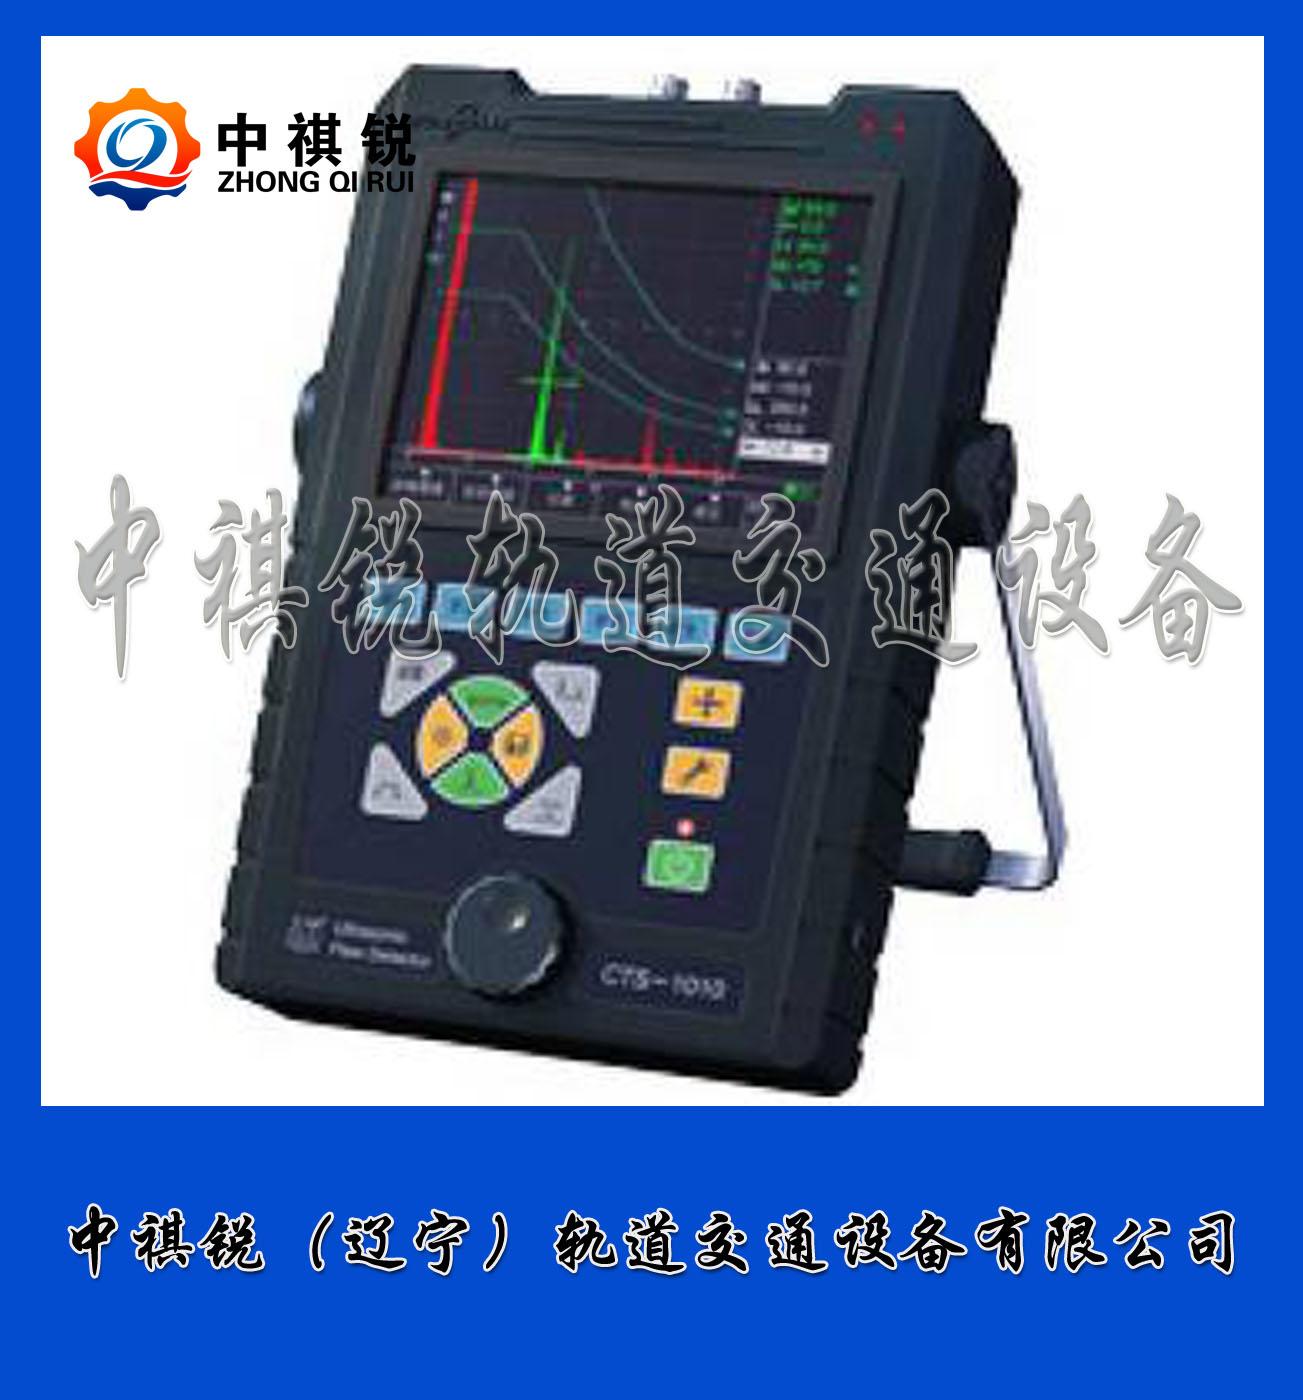 中祺锐出品|CTS-1010H型钢轨焊缝超声探伤仪_制造商_铁路养路机械|精品齐聚